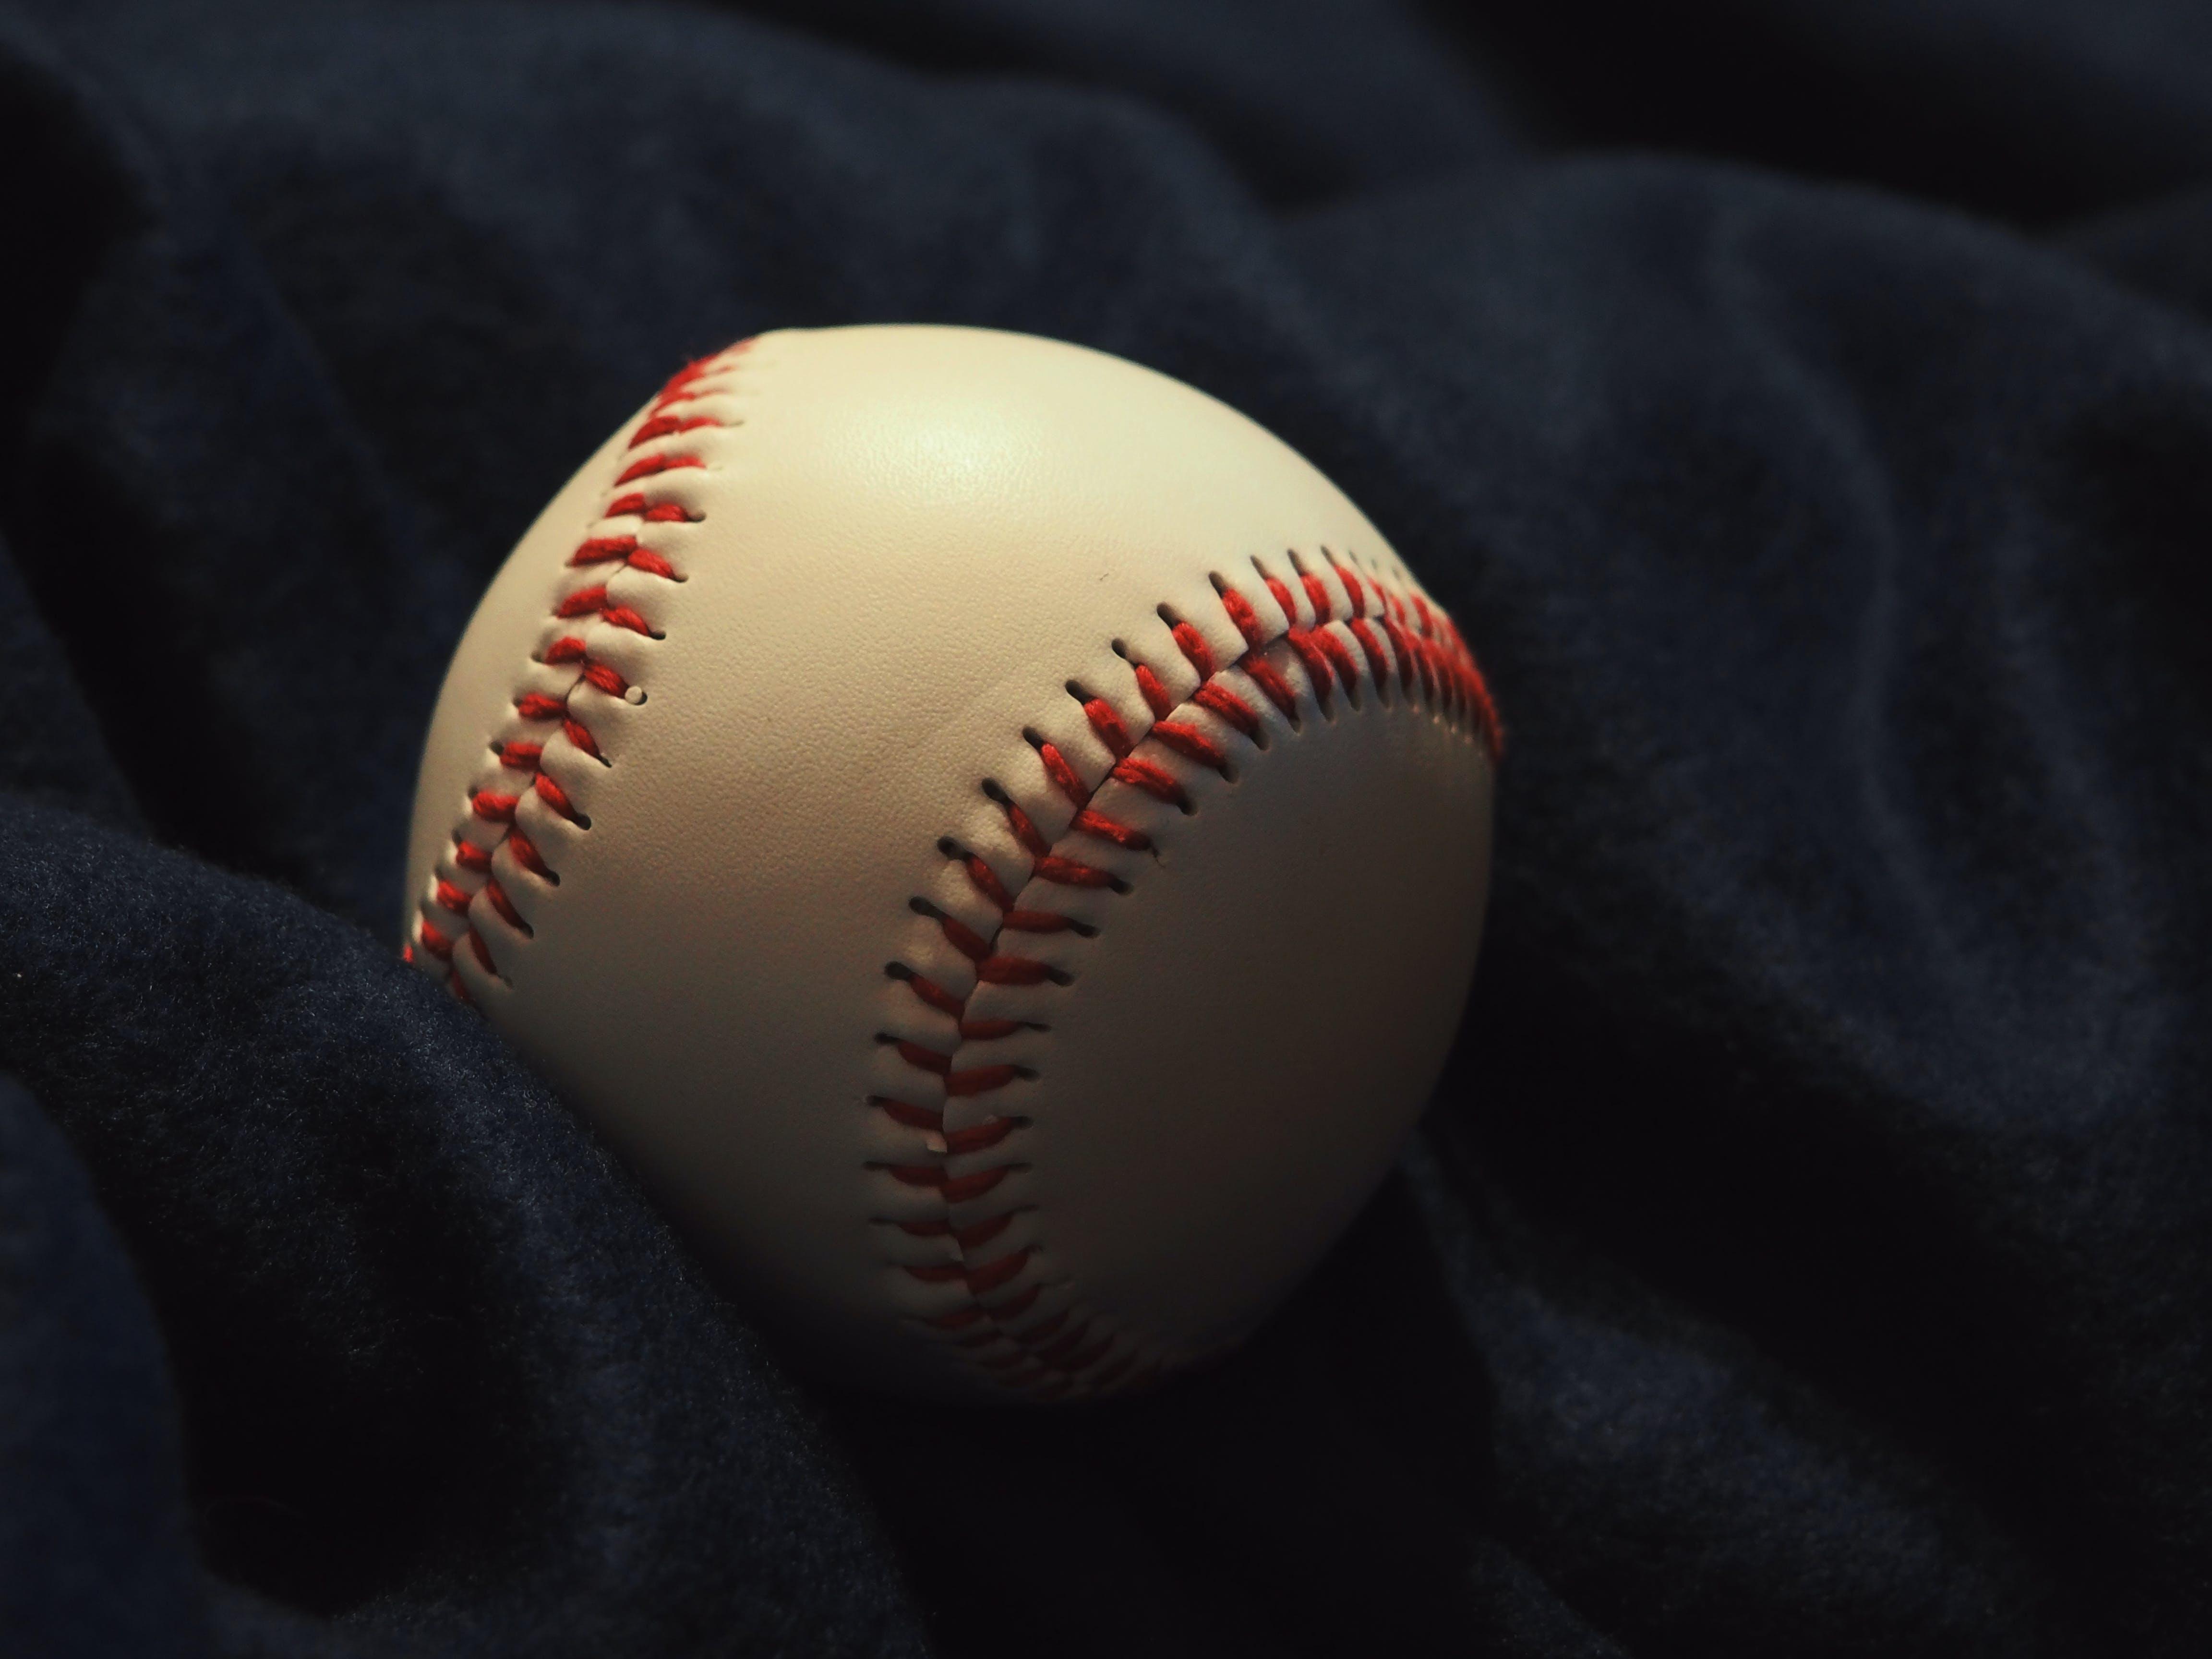 ball, baseball, hobby